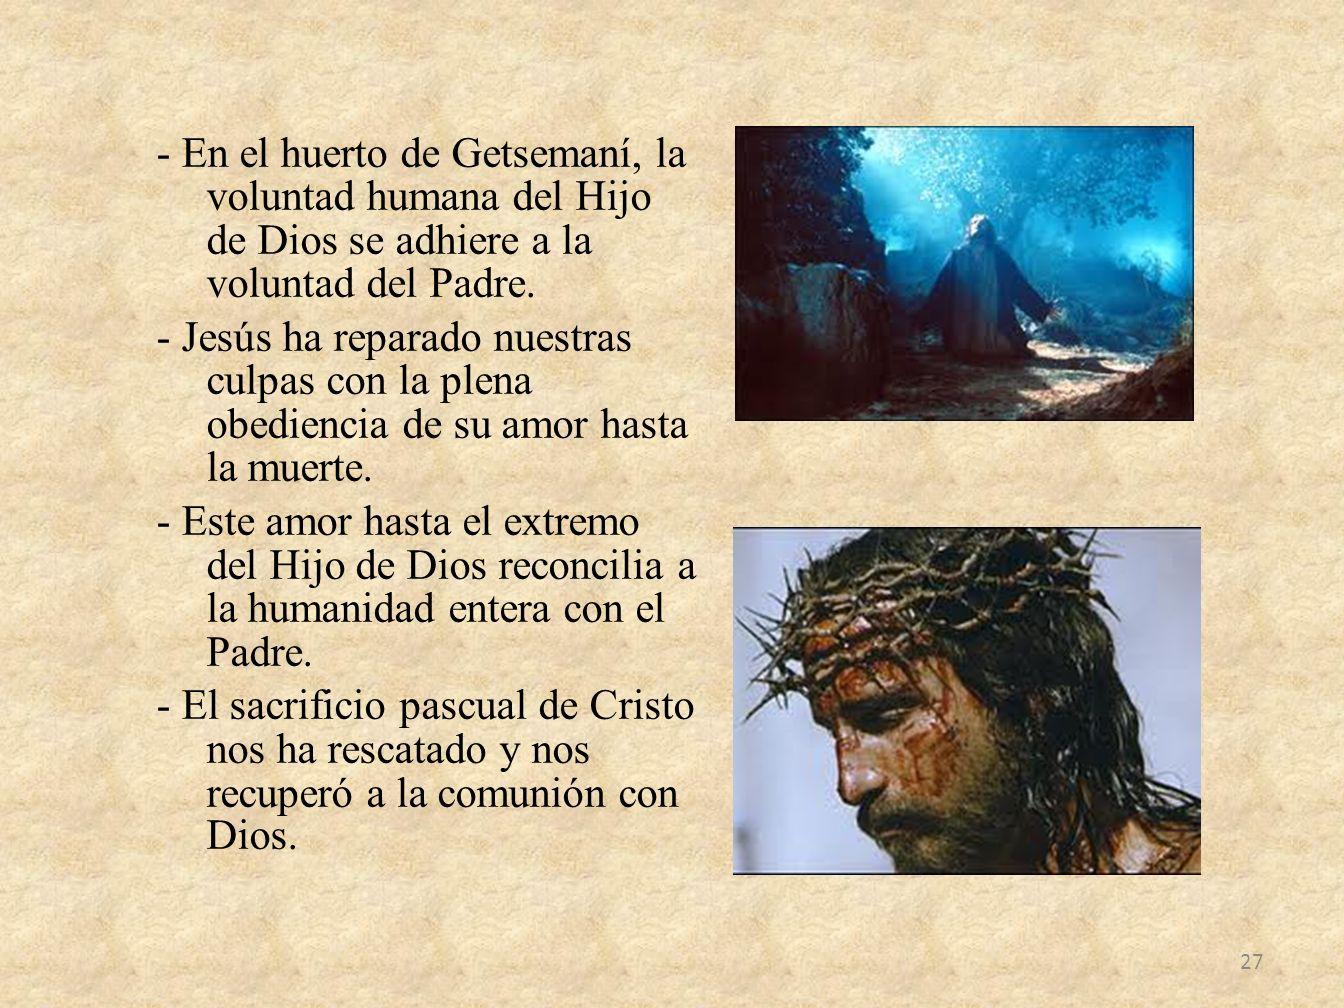 - En el huerto de Getsemaní, la voluntad humana del Hijo de Dios se adhiere a la voluntad del Padre. - Jesús ha reparado nuestras culpas con la plena